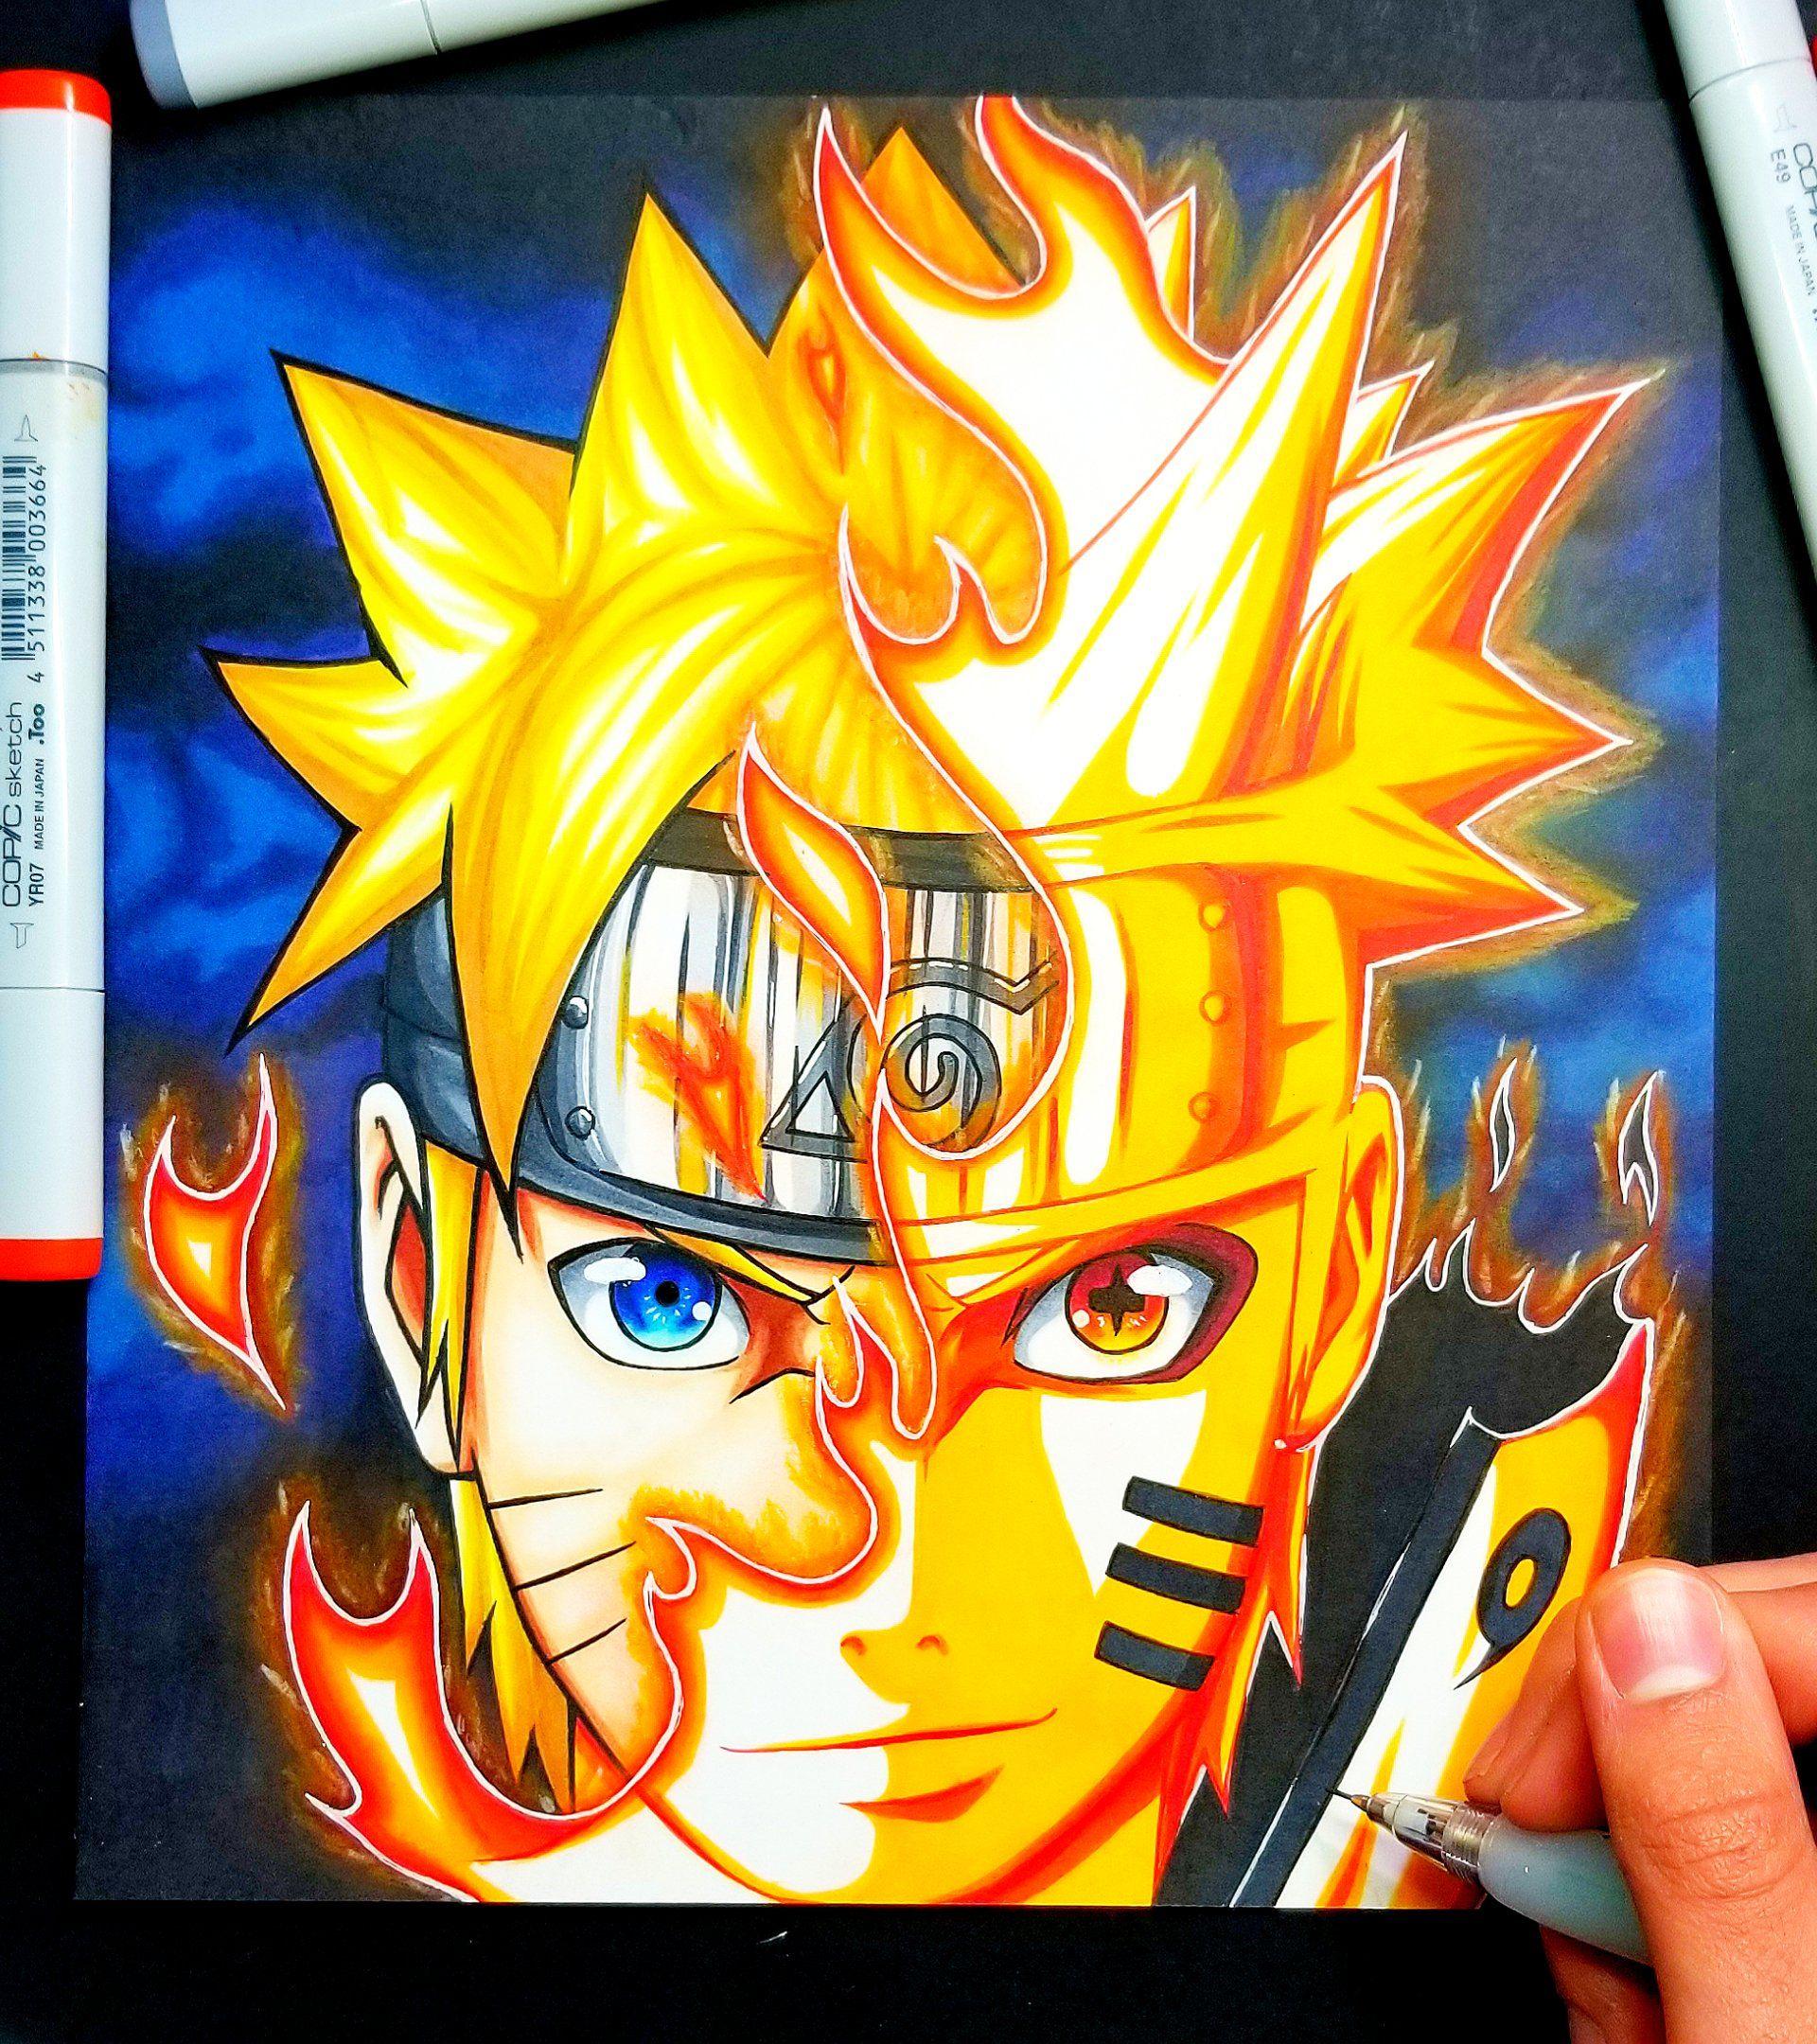 Original Fan Art Of Naruto Bijuu Mode Video Will Be Out This Weekend On Zain Artz Youtube Naruto Naruto Painting Naruto Uzumaki Art Naruto Sketch